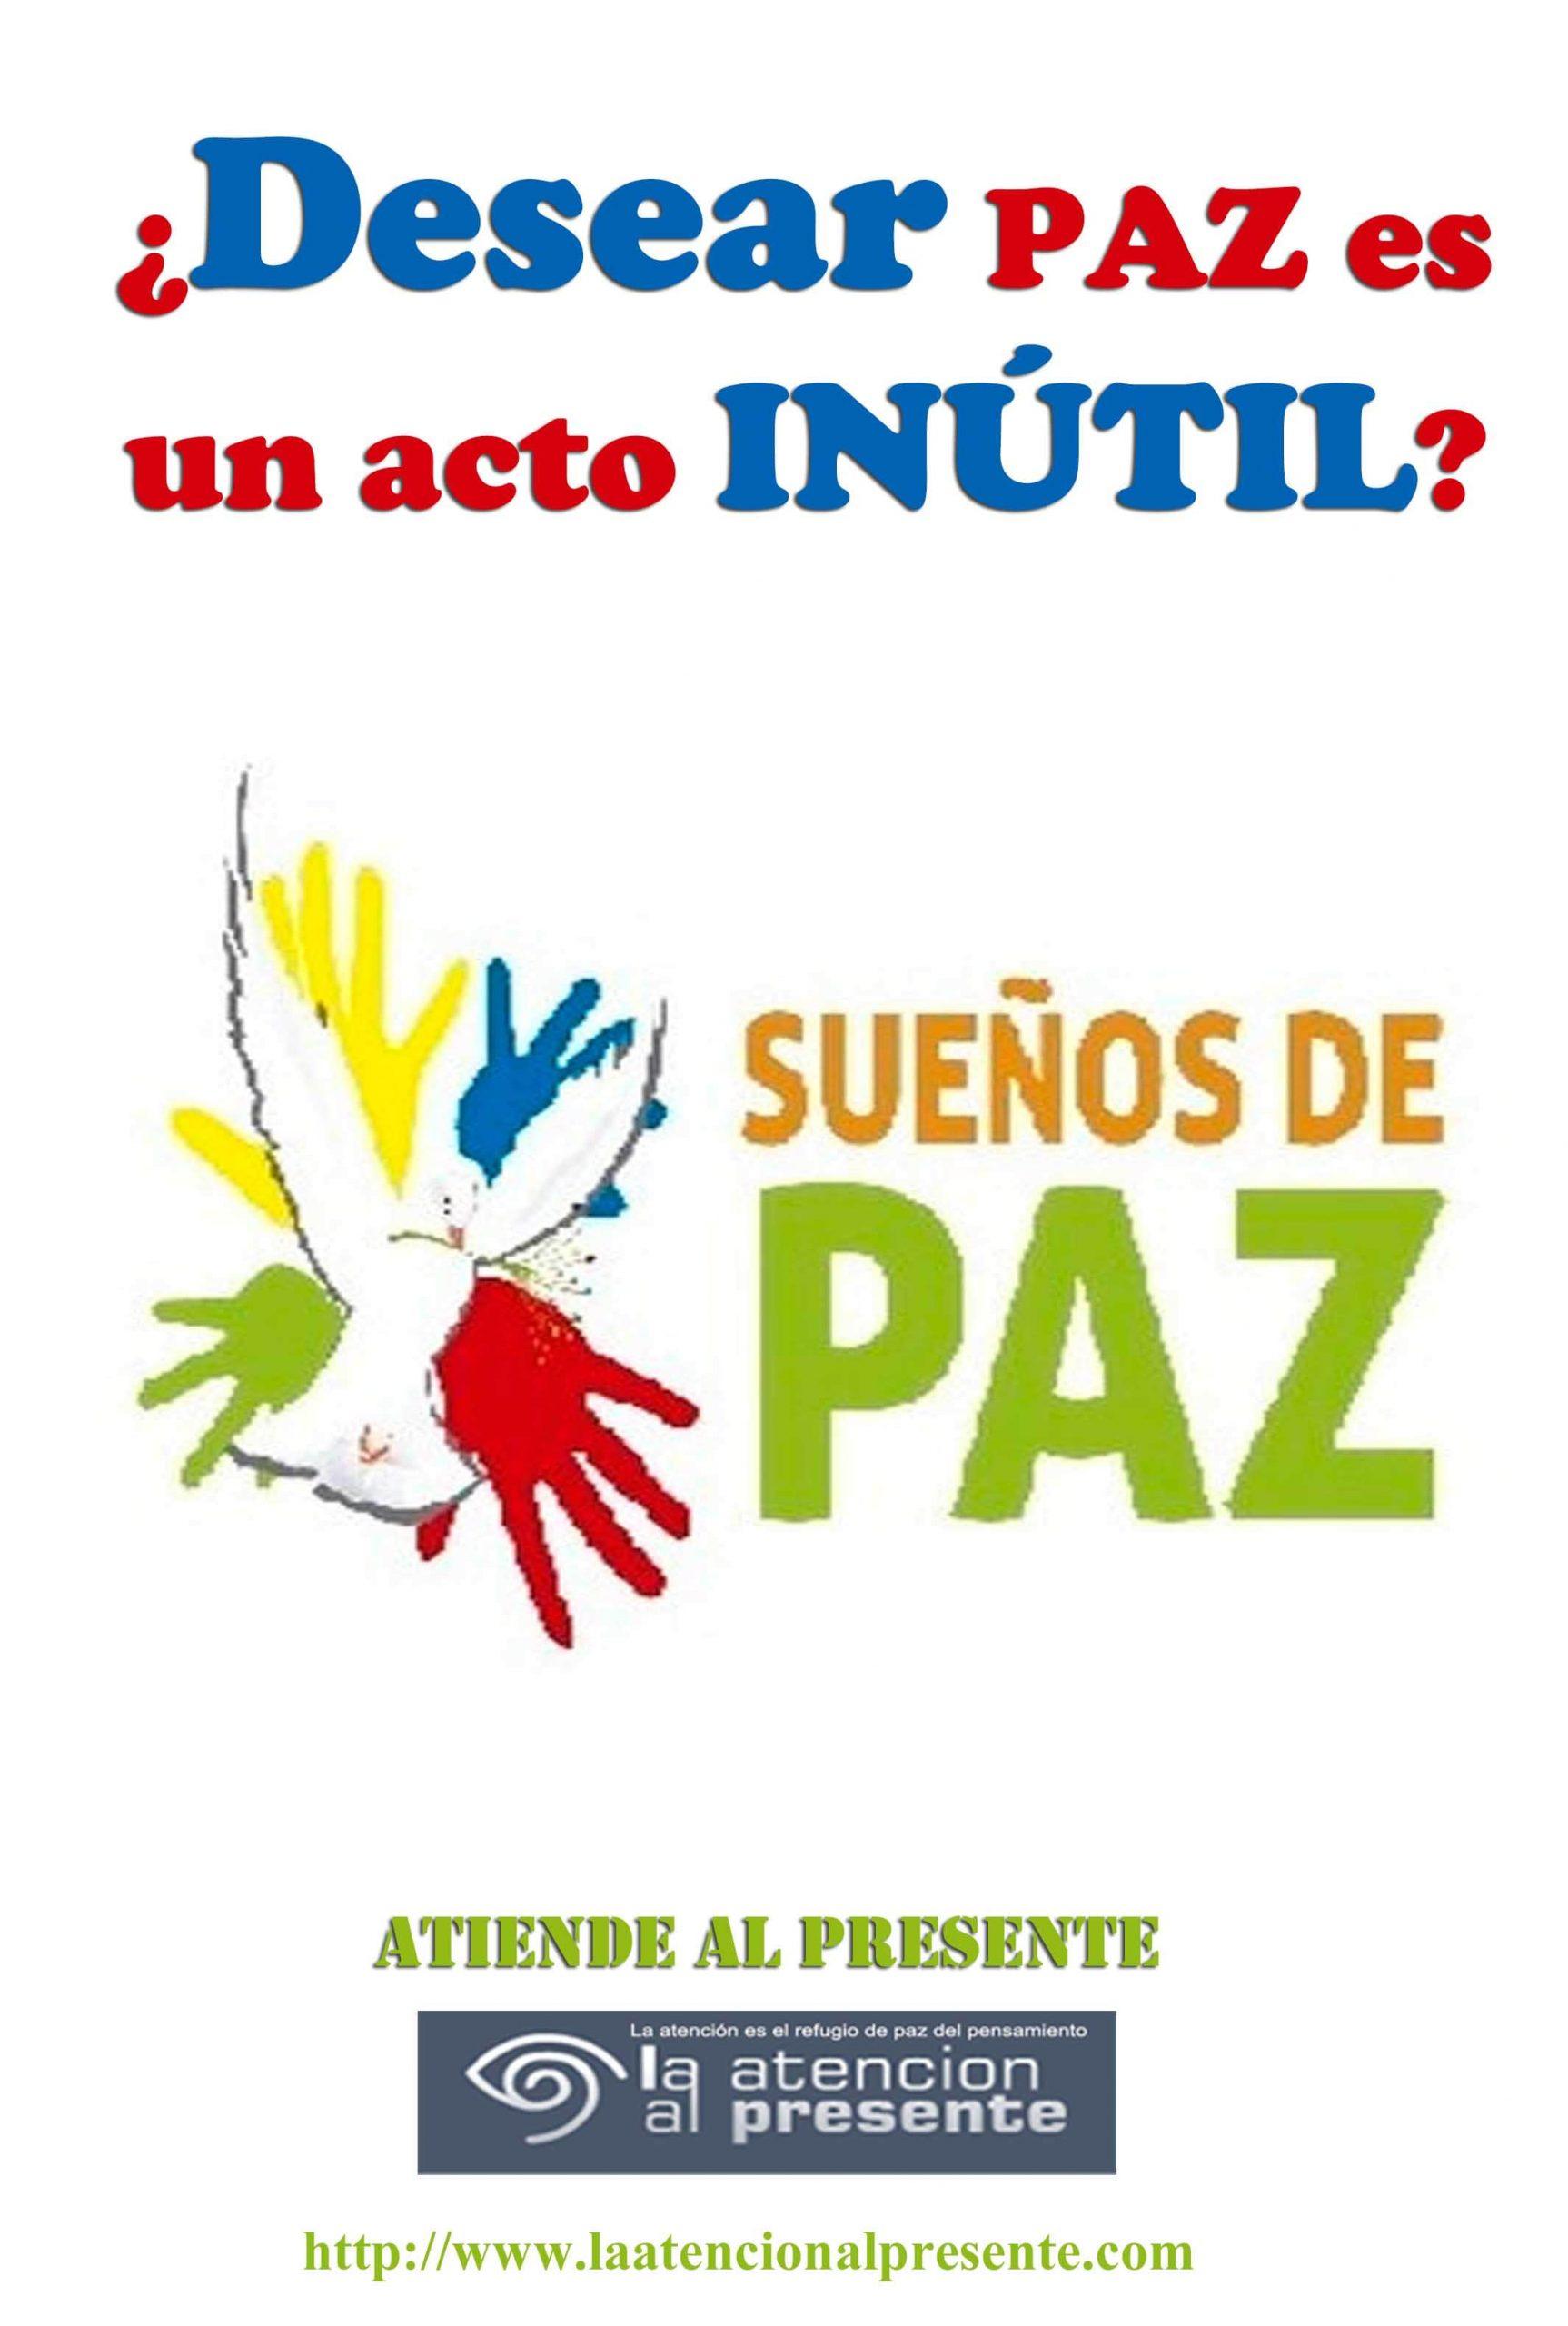 30 de abril Esteban Desear PAZ es una acto INUTIL min scaled